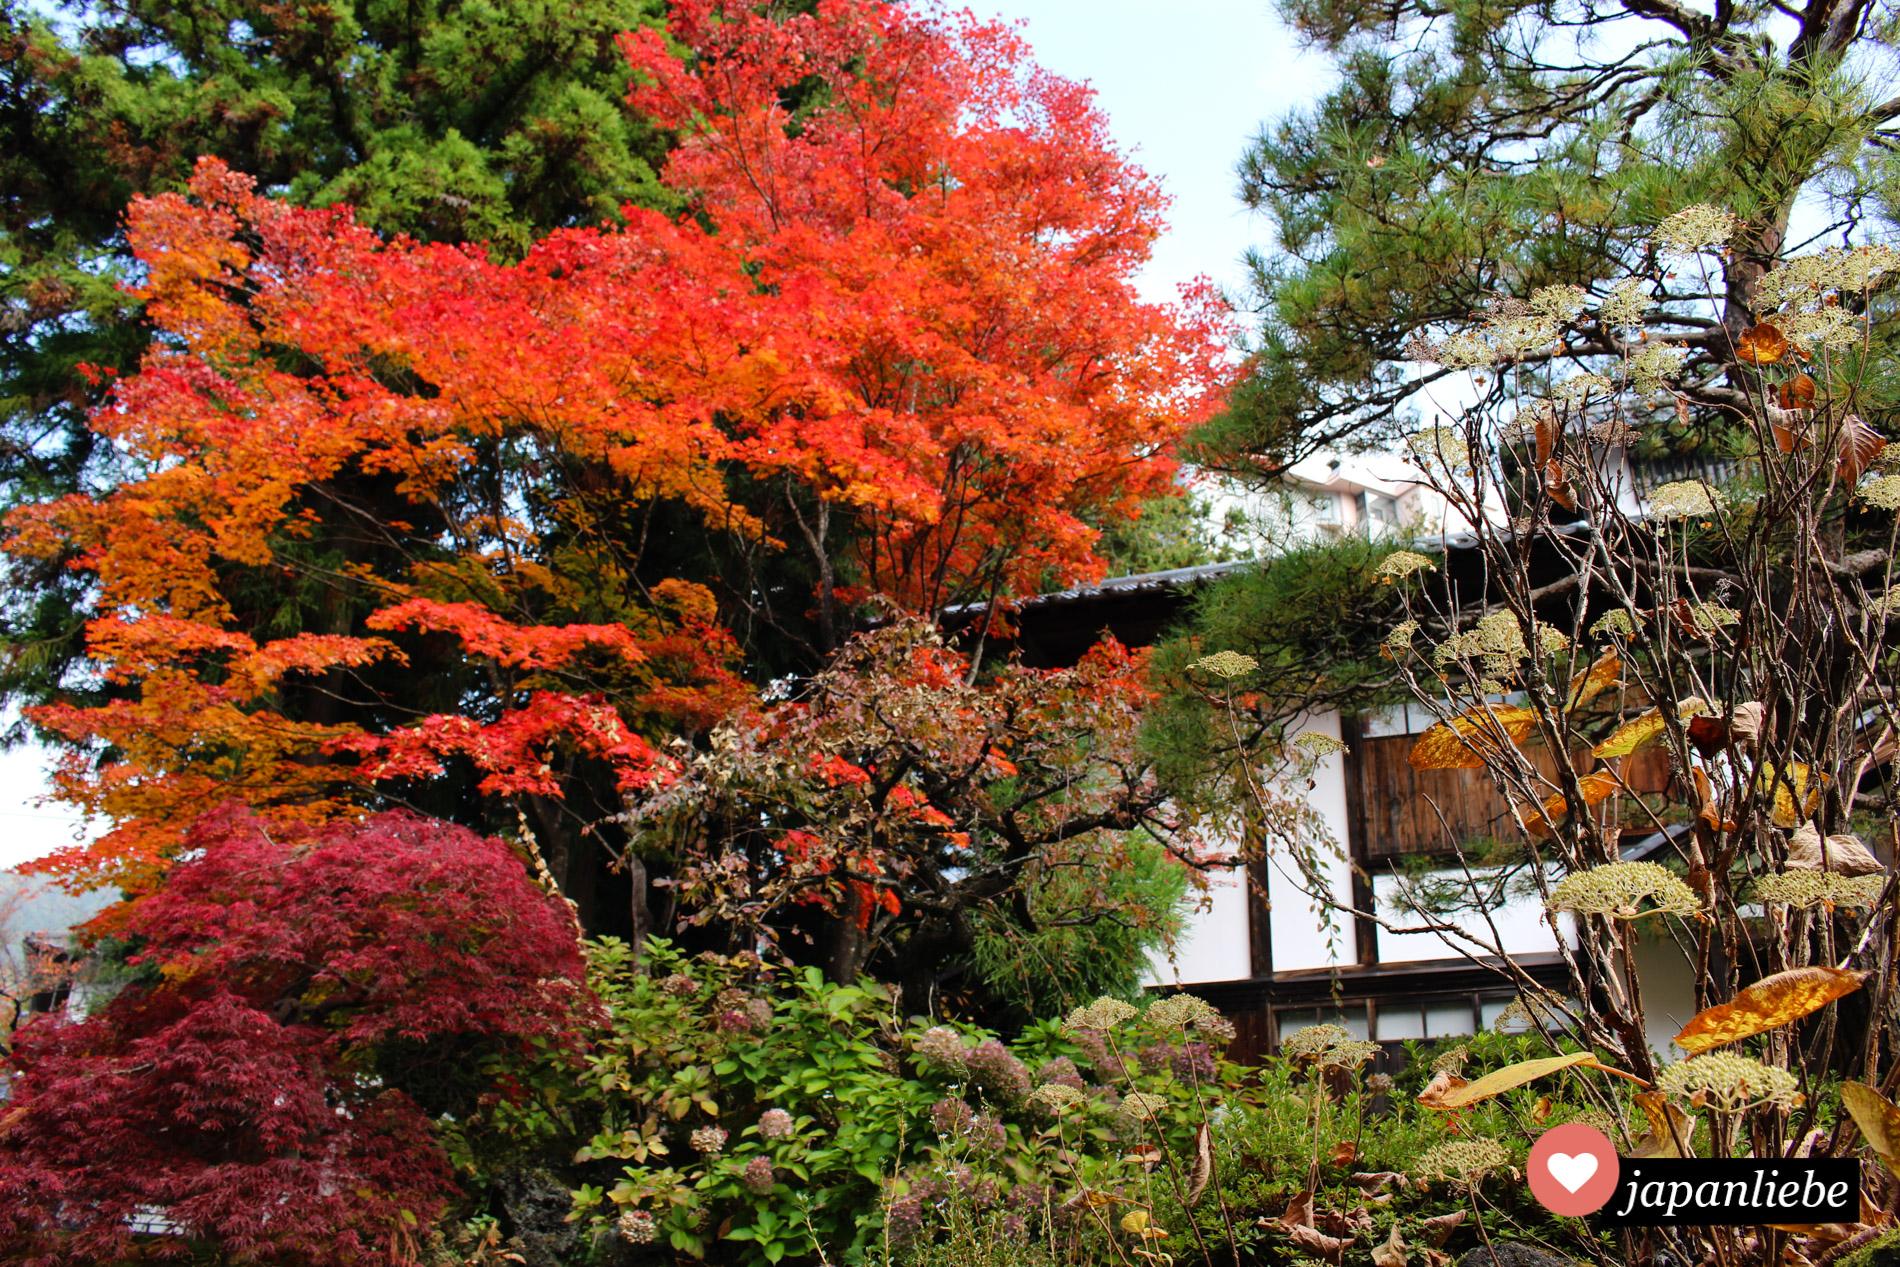 """Wunderschön gefärbter japanischer Ahorn """"Momiji"""" auf dem Weg zum Jigokudani Snow Monkey Park."""